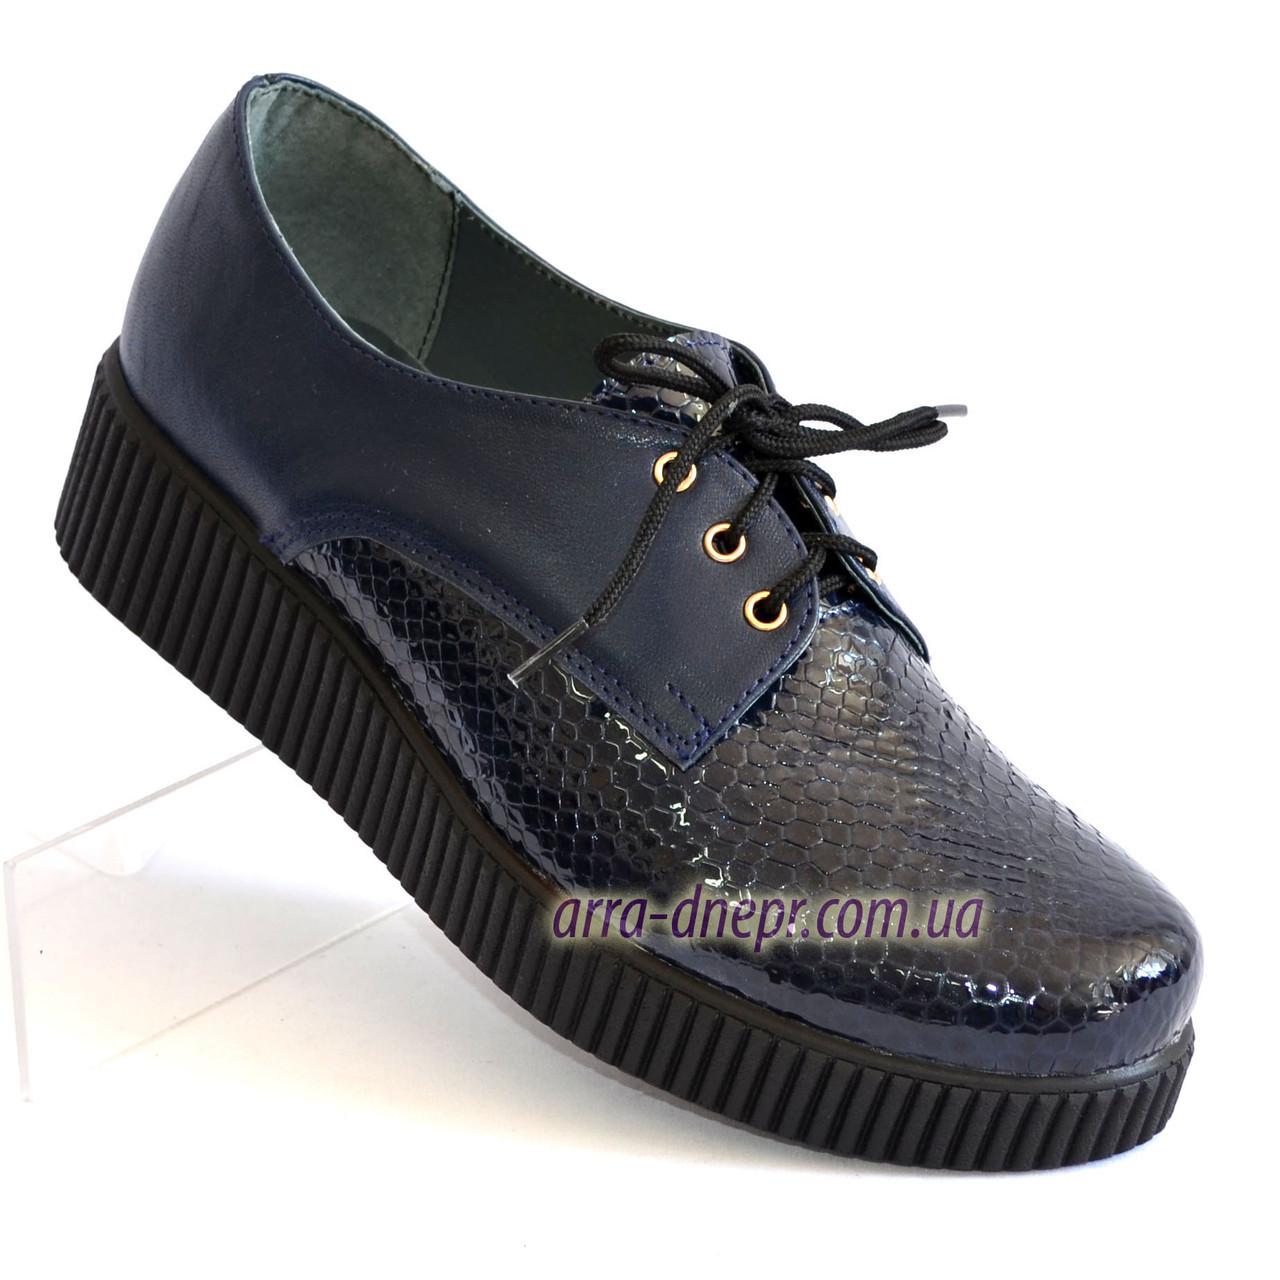 Женские туфли на утолщенной подошве, на шнуровке, натуральная синяя кожа и лак питон.